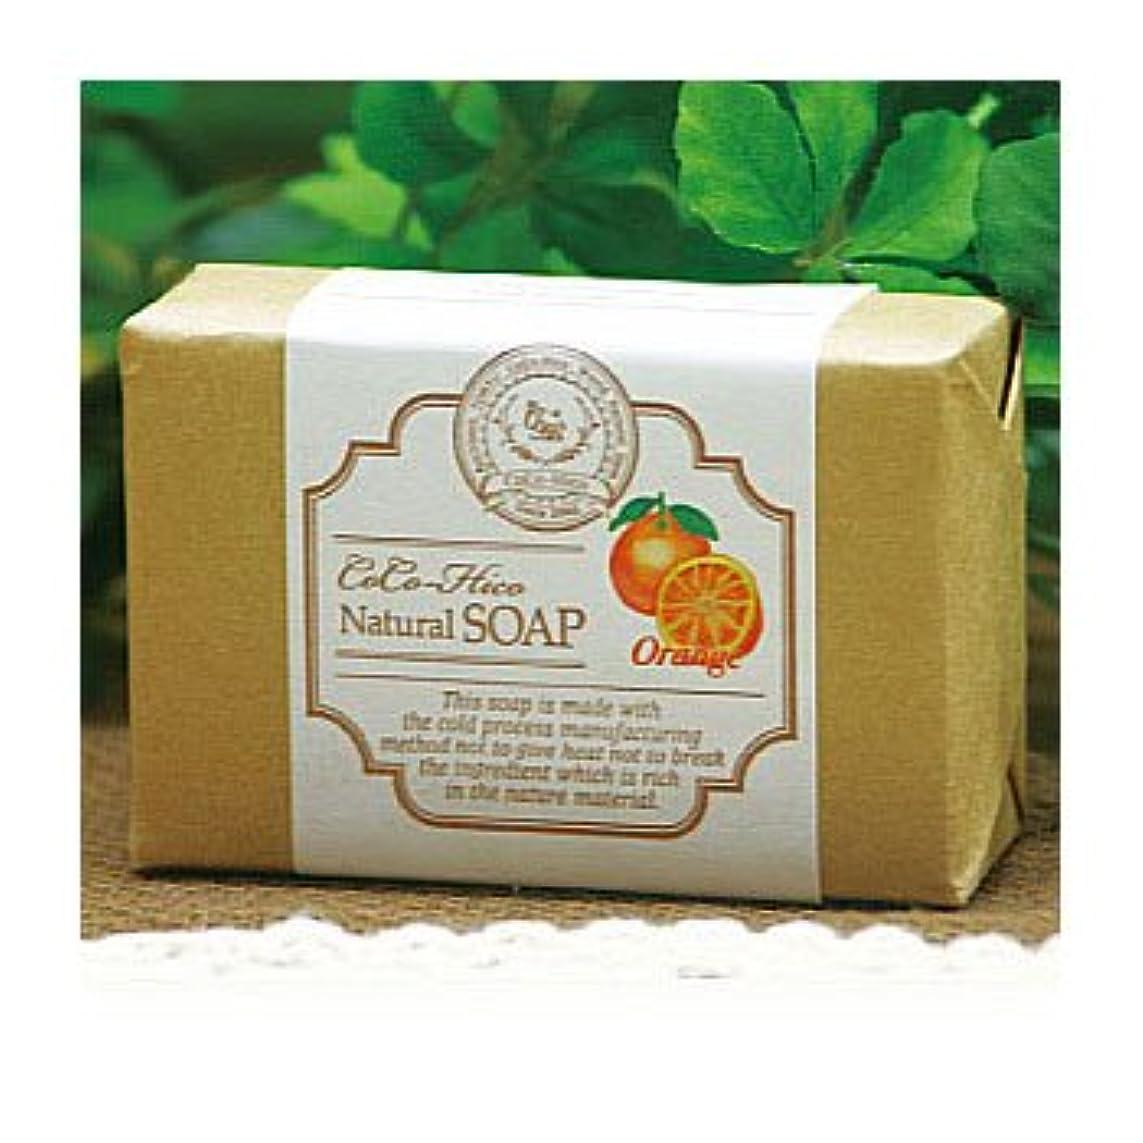 きゅうりクレーター不純【無添加 手作り 生せっけん】-CoCo-Hico SOAP-ココヒコ生せっけん オレンジ